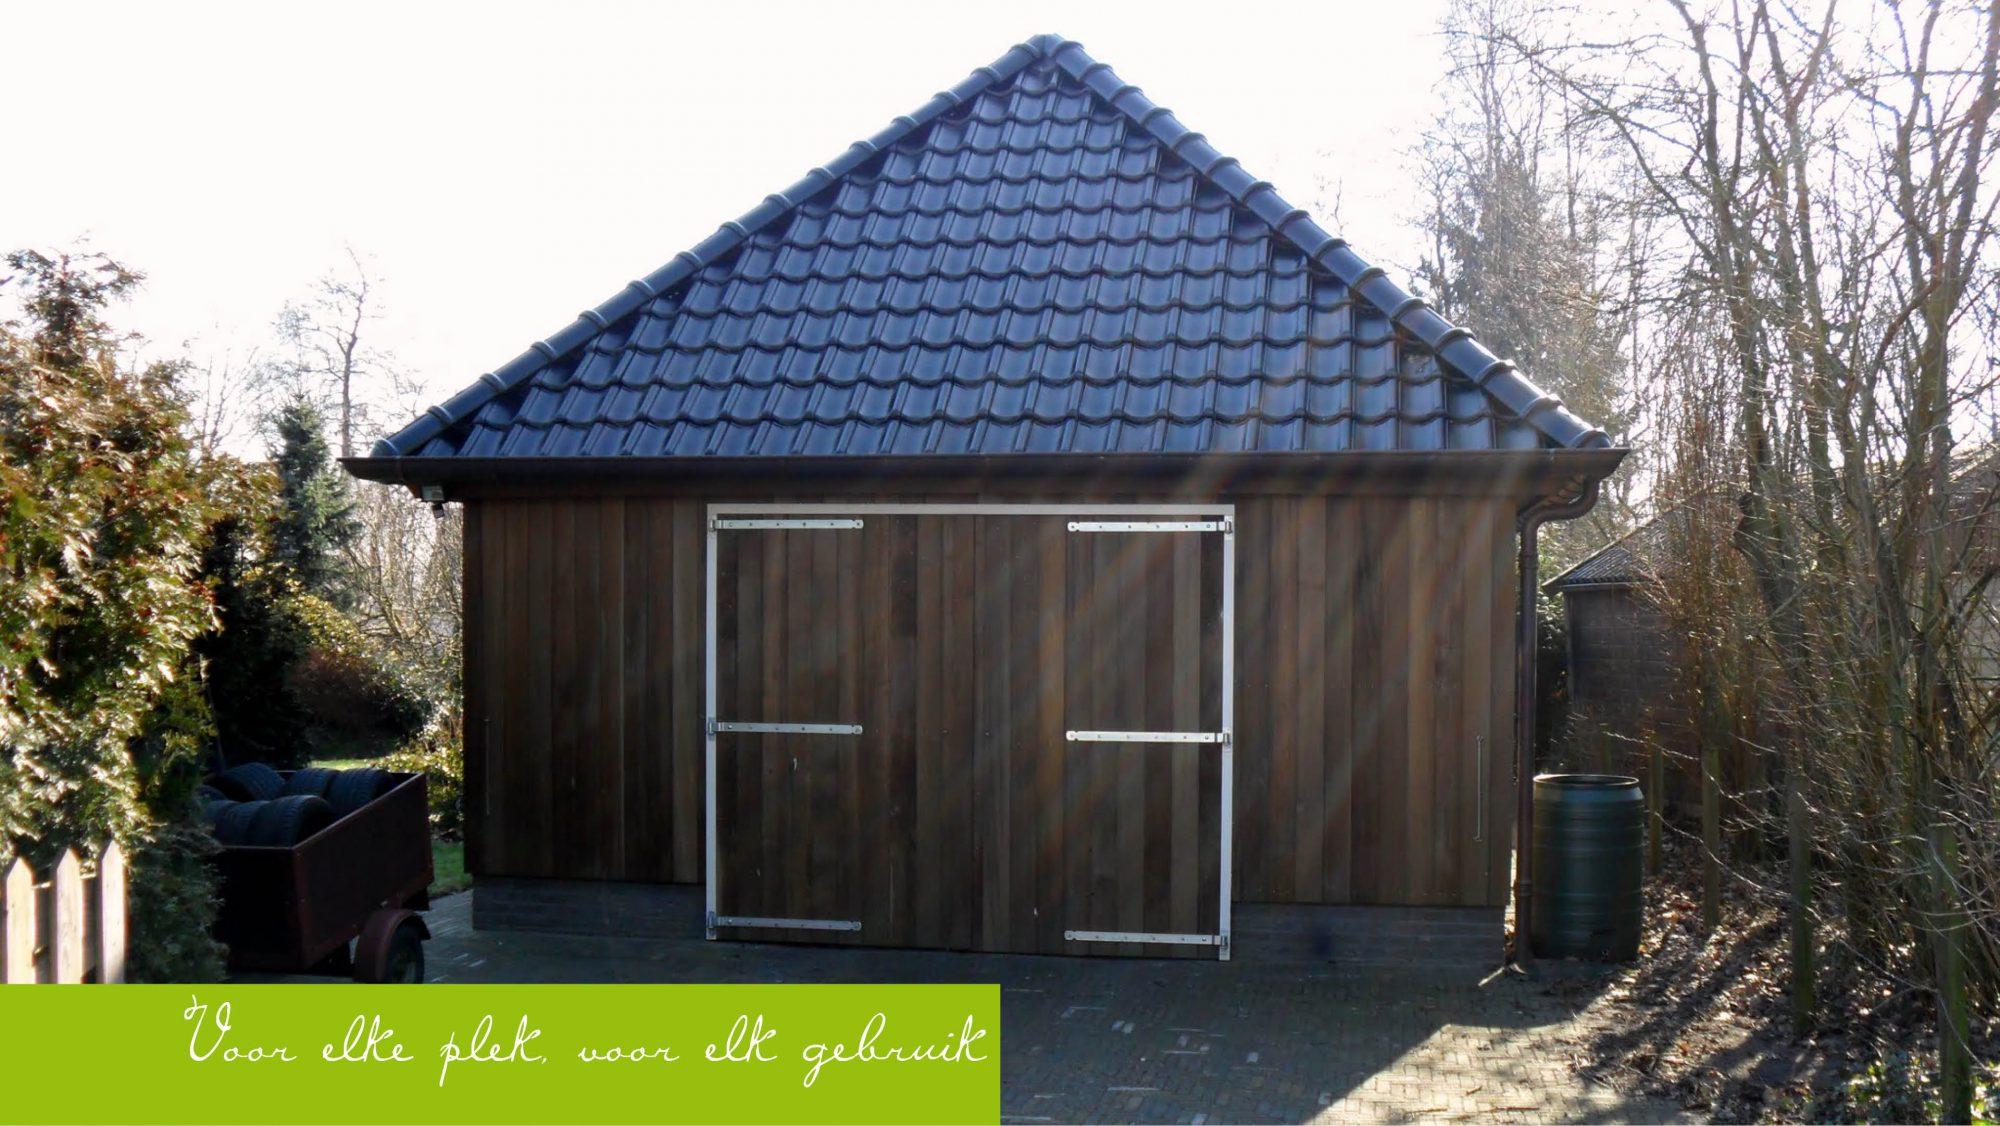 Houten Schuur Prijzen : Prijs houten schuur cheap houten schuur bouwen doe het zelf met